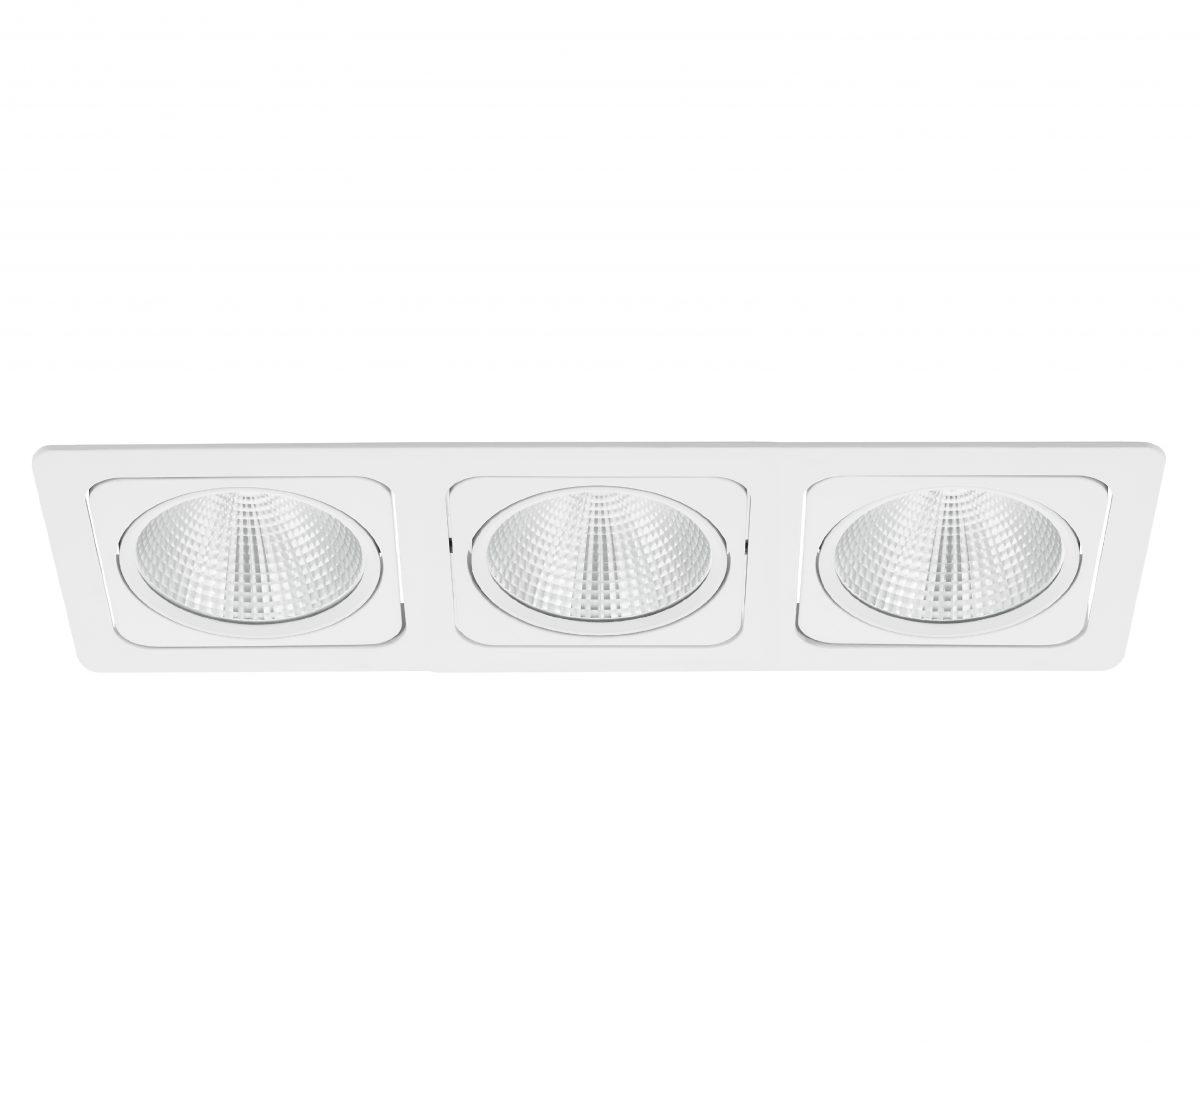 Светильник настенно-потолочный VASCELLO/PROFESSION EGLO 61681 - Фото №28